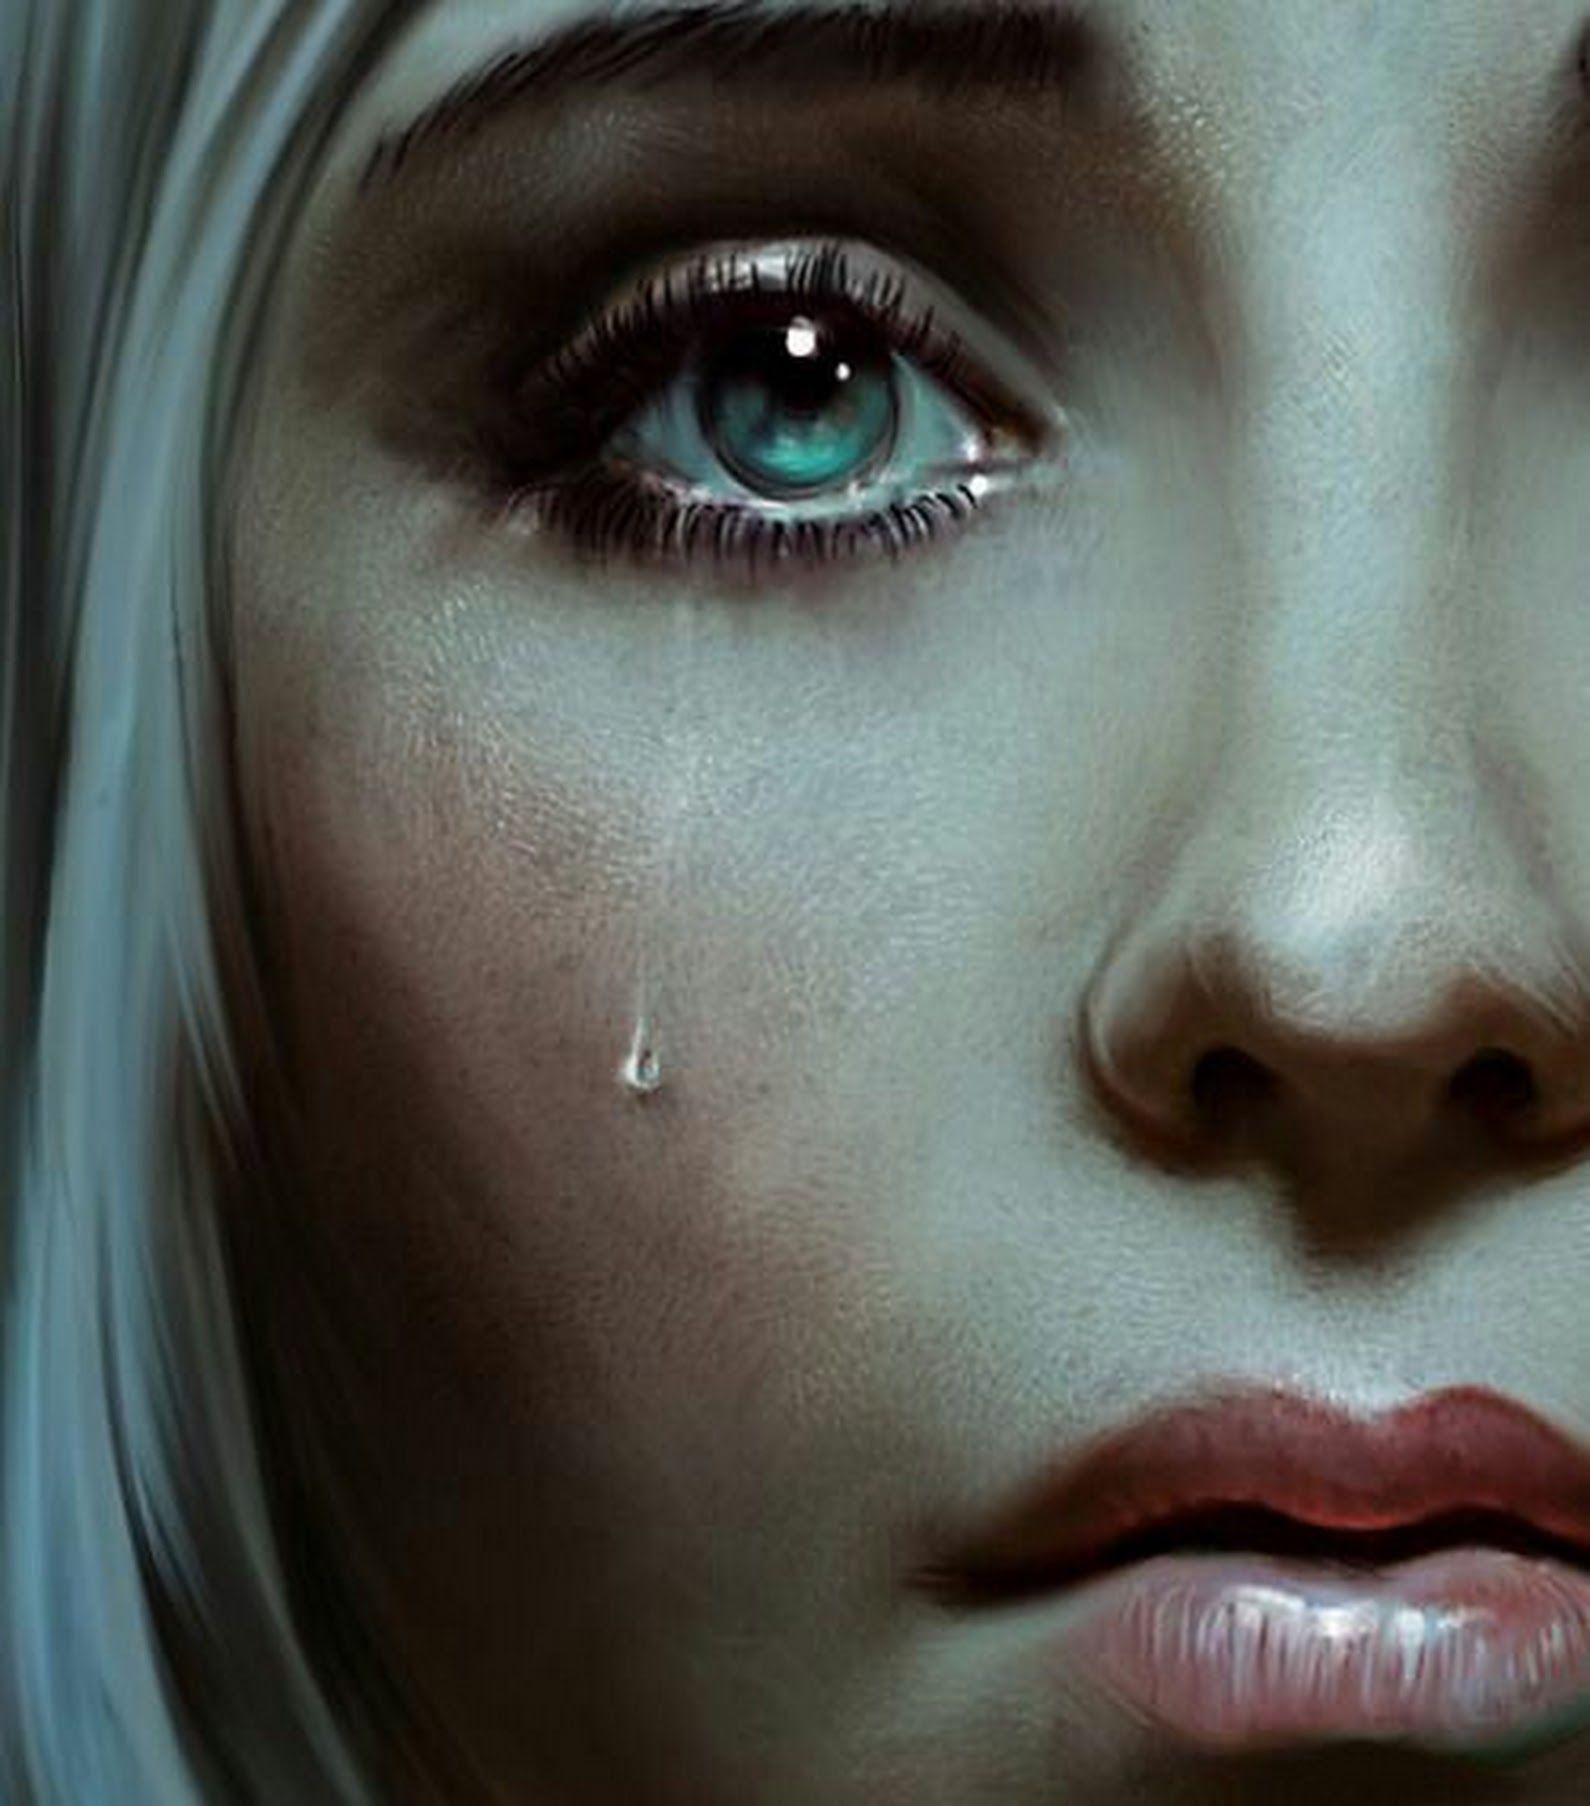 будет предложен слезы на лице фото рисунки ее, если